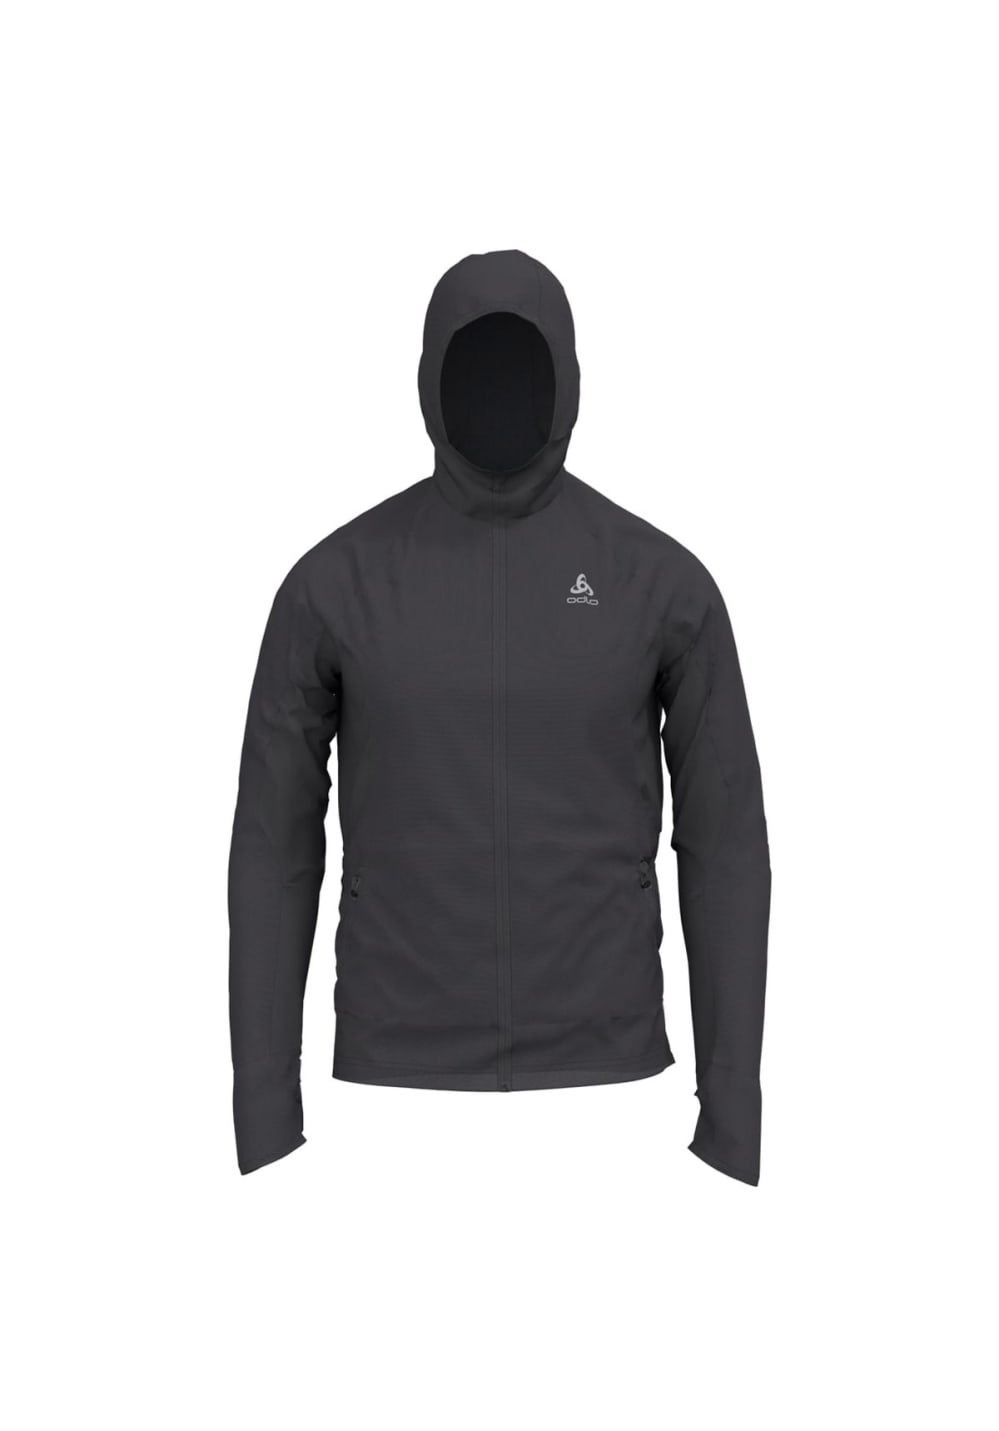 Odlo Hoody Midlayer Full Zip Blaze Zw - Sweatshirts & Hoodies für Herren - Grau